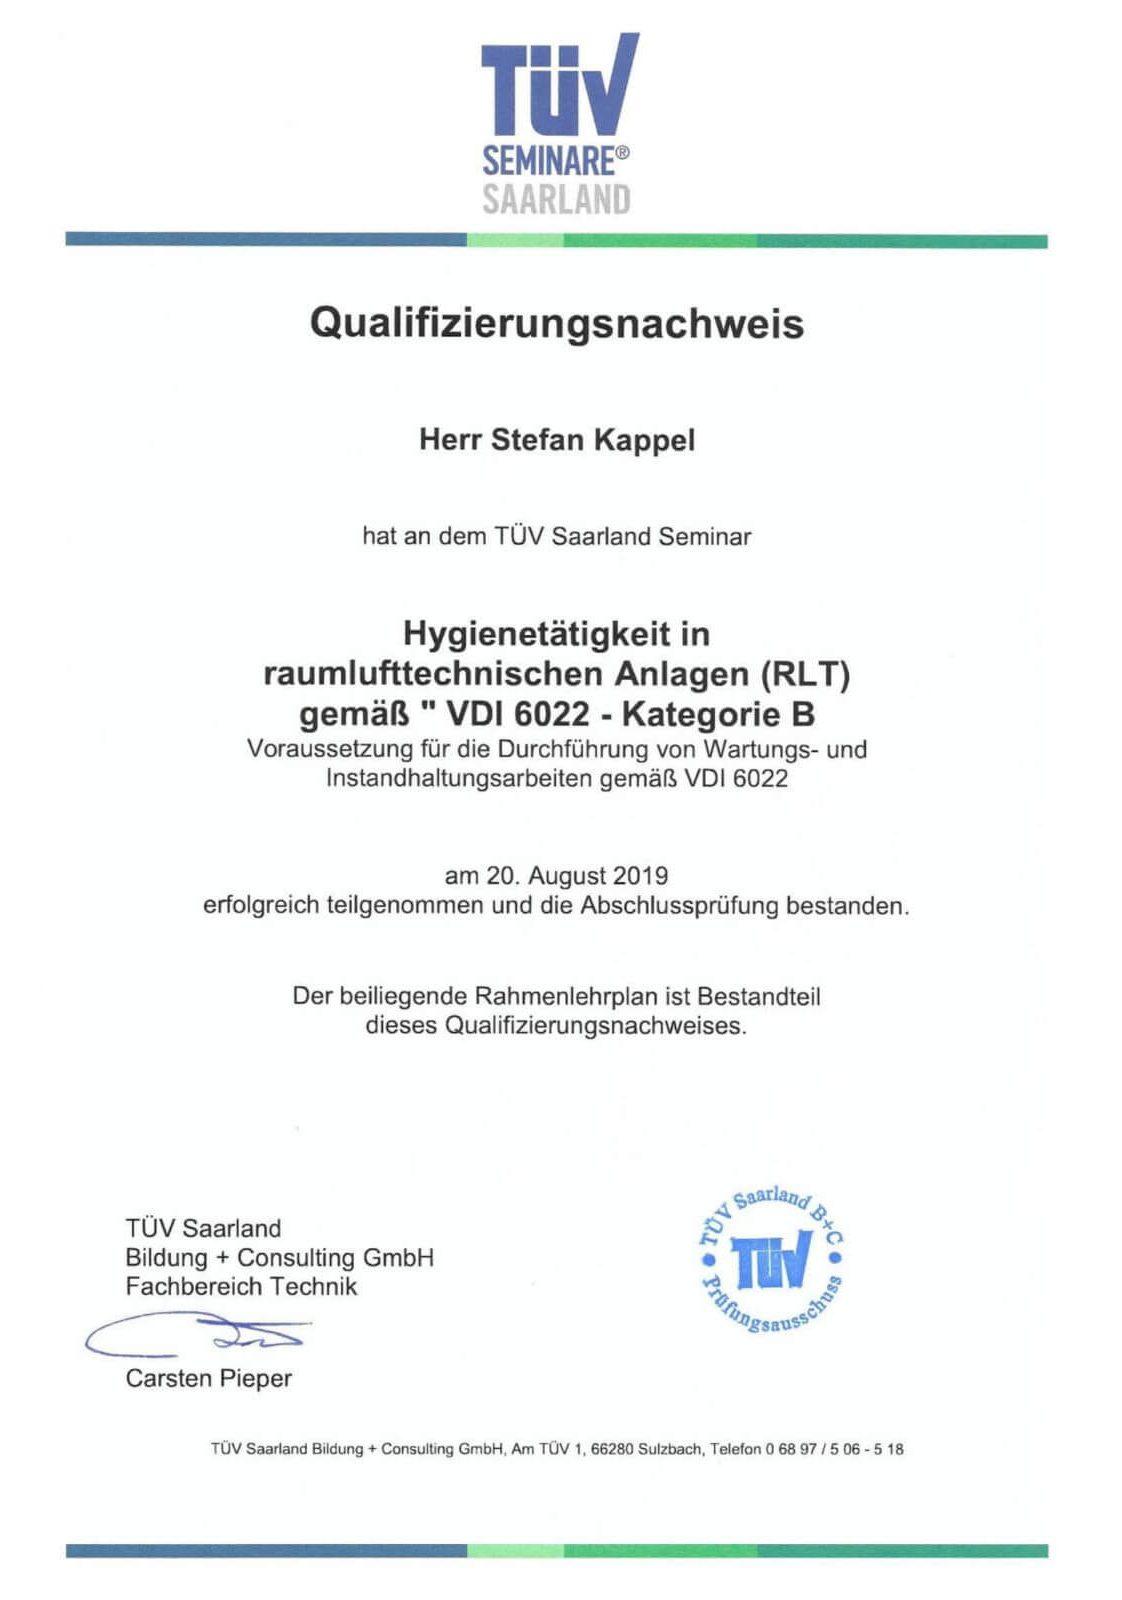 hygieneschulung_rlt_anlagen_compressed-1